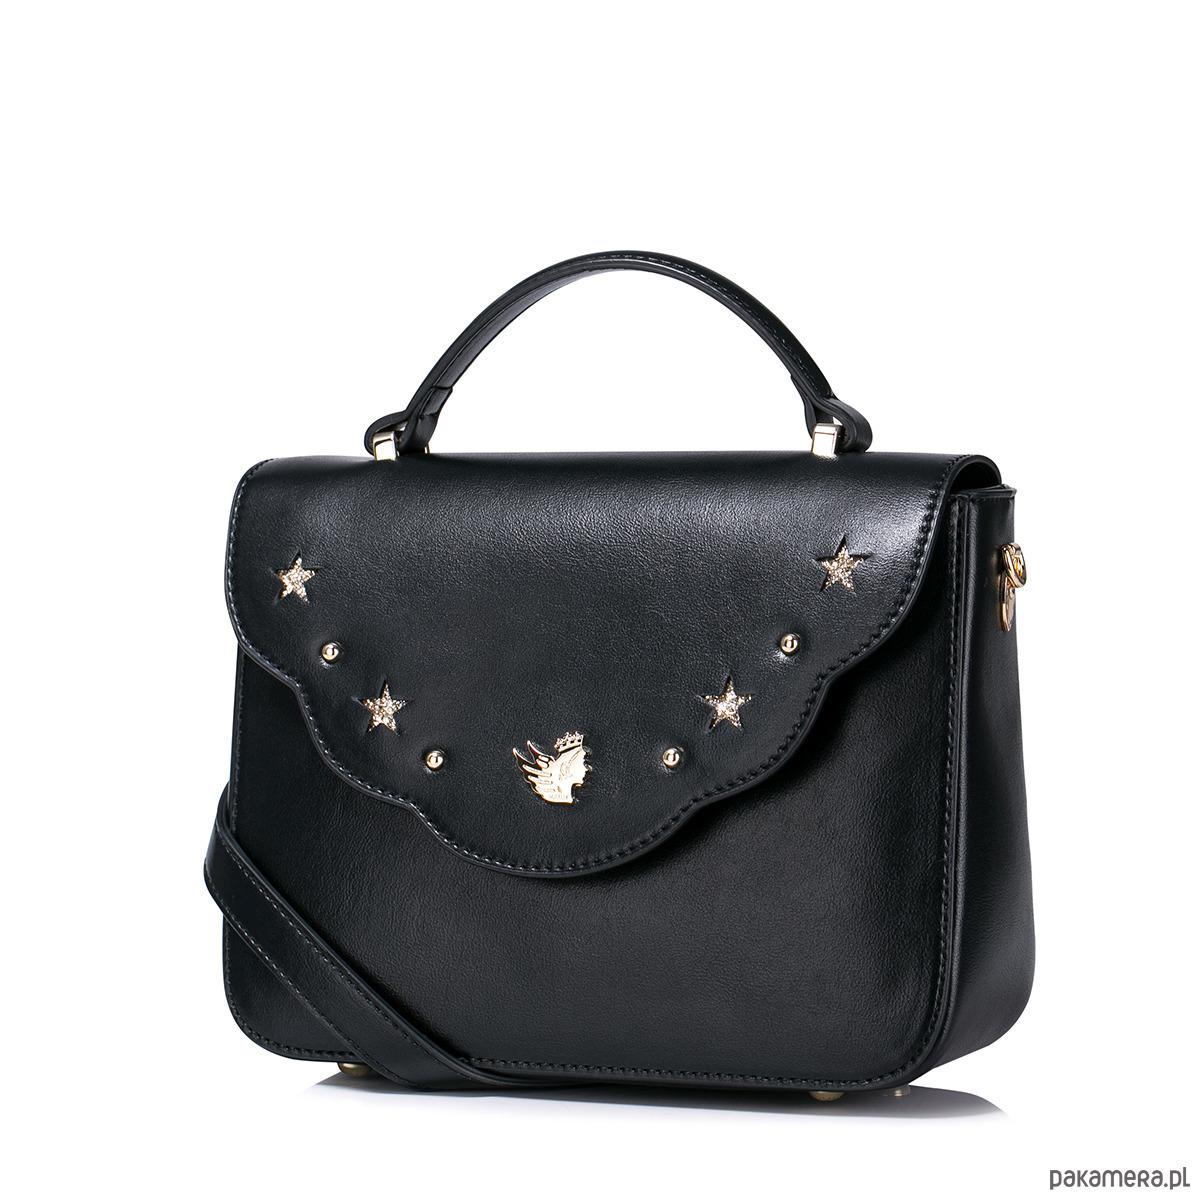 6ddfe824892a3 NUCELLE Zgrabna torebka do ręki Czarna - torebki różne - damskie ...